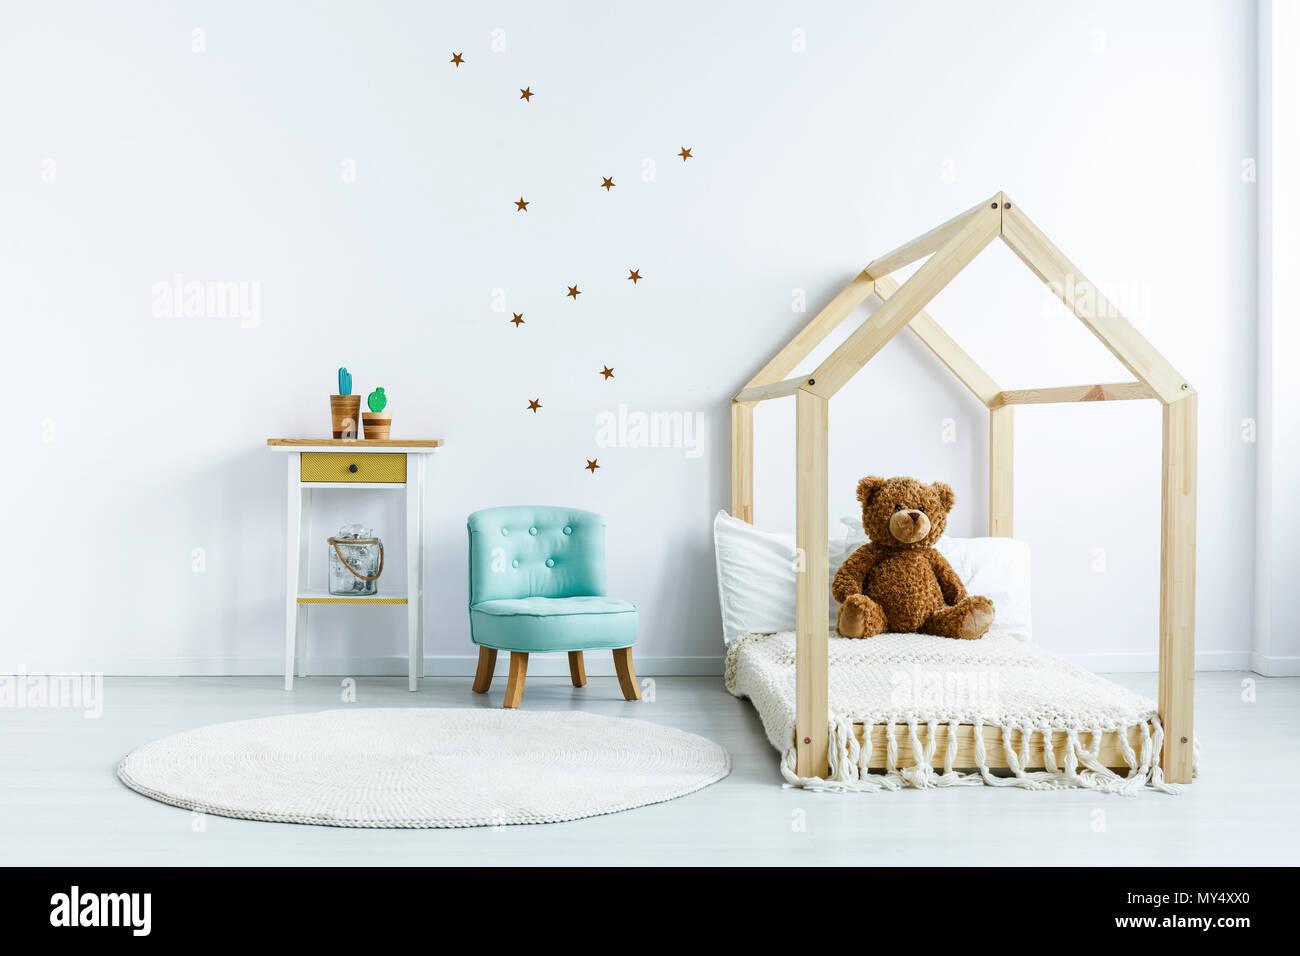 Ours sur lit en bois à côté du fauteuil bleu blanc dans la chambre de l'enfant intérieur. Photo réelle Banque D'Images